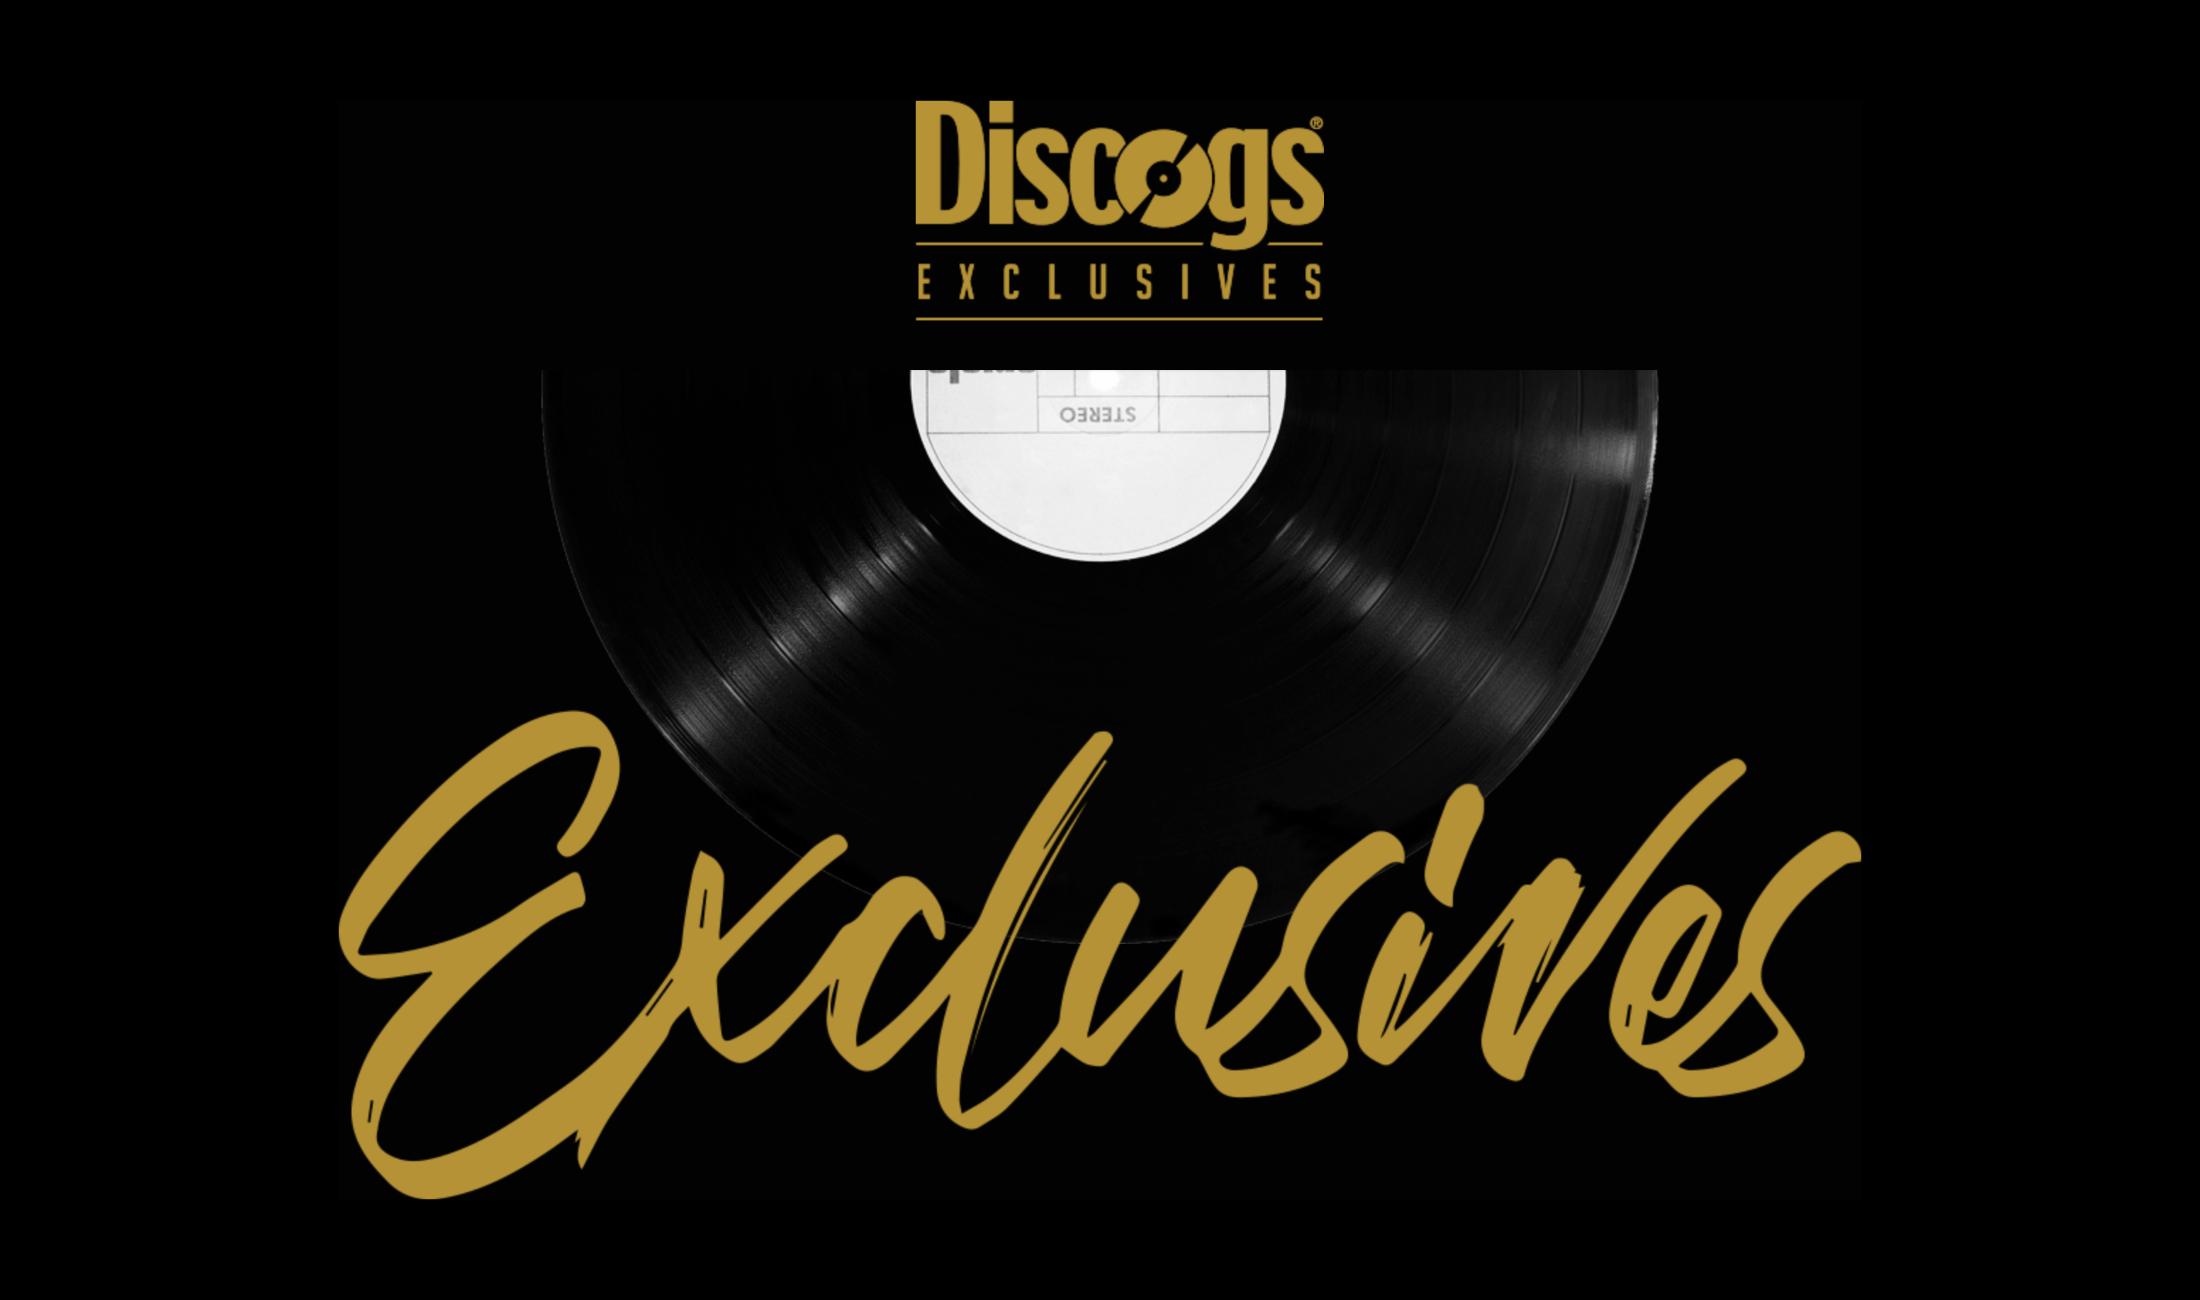 Discogs startet neue Seite für extrem seltene Releases: 'Discogs Exclusives'